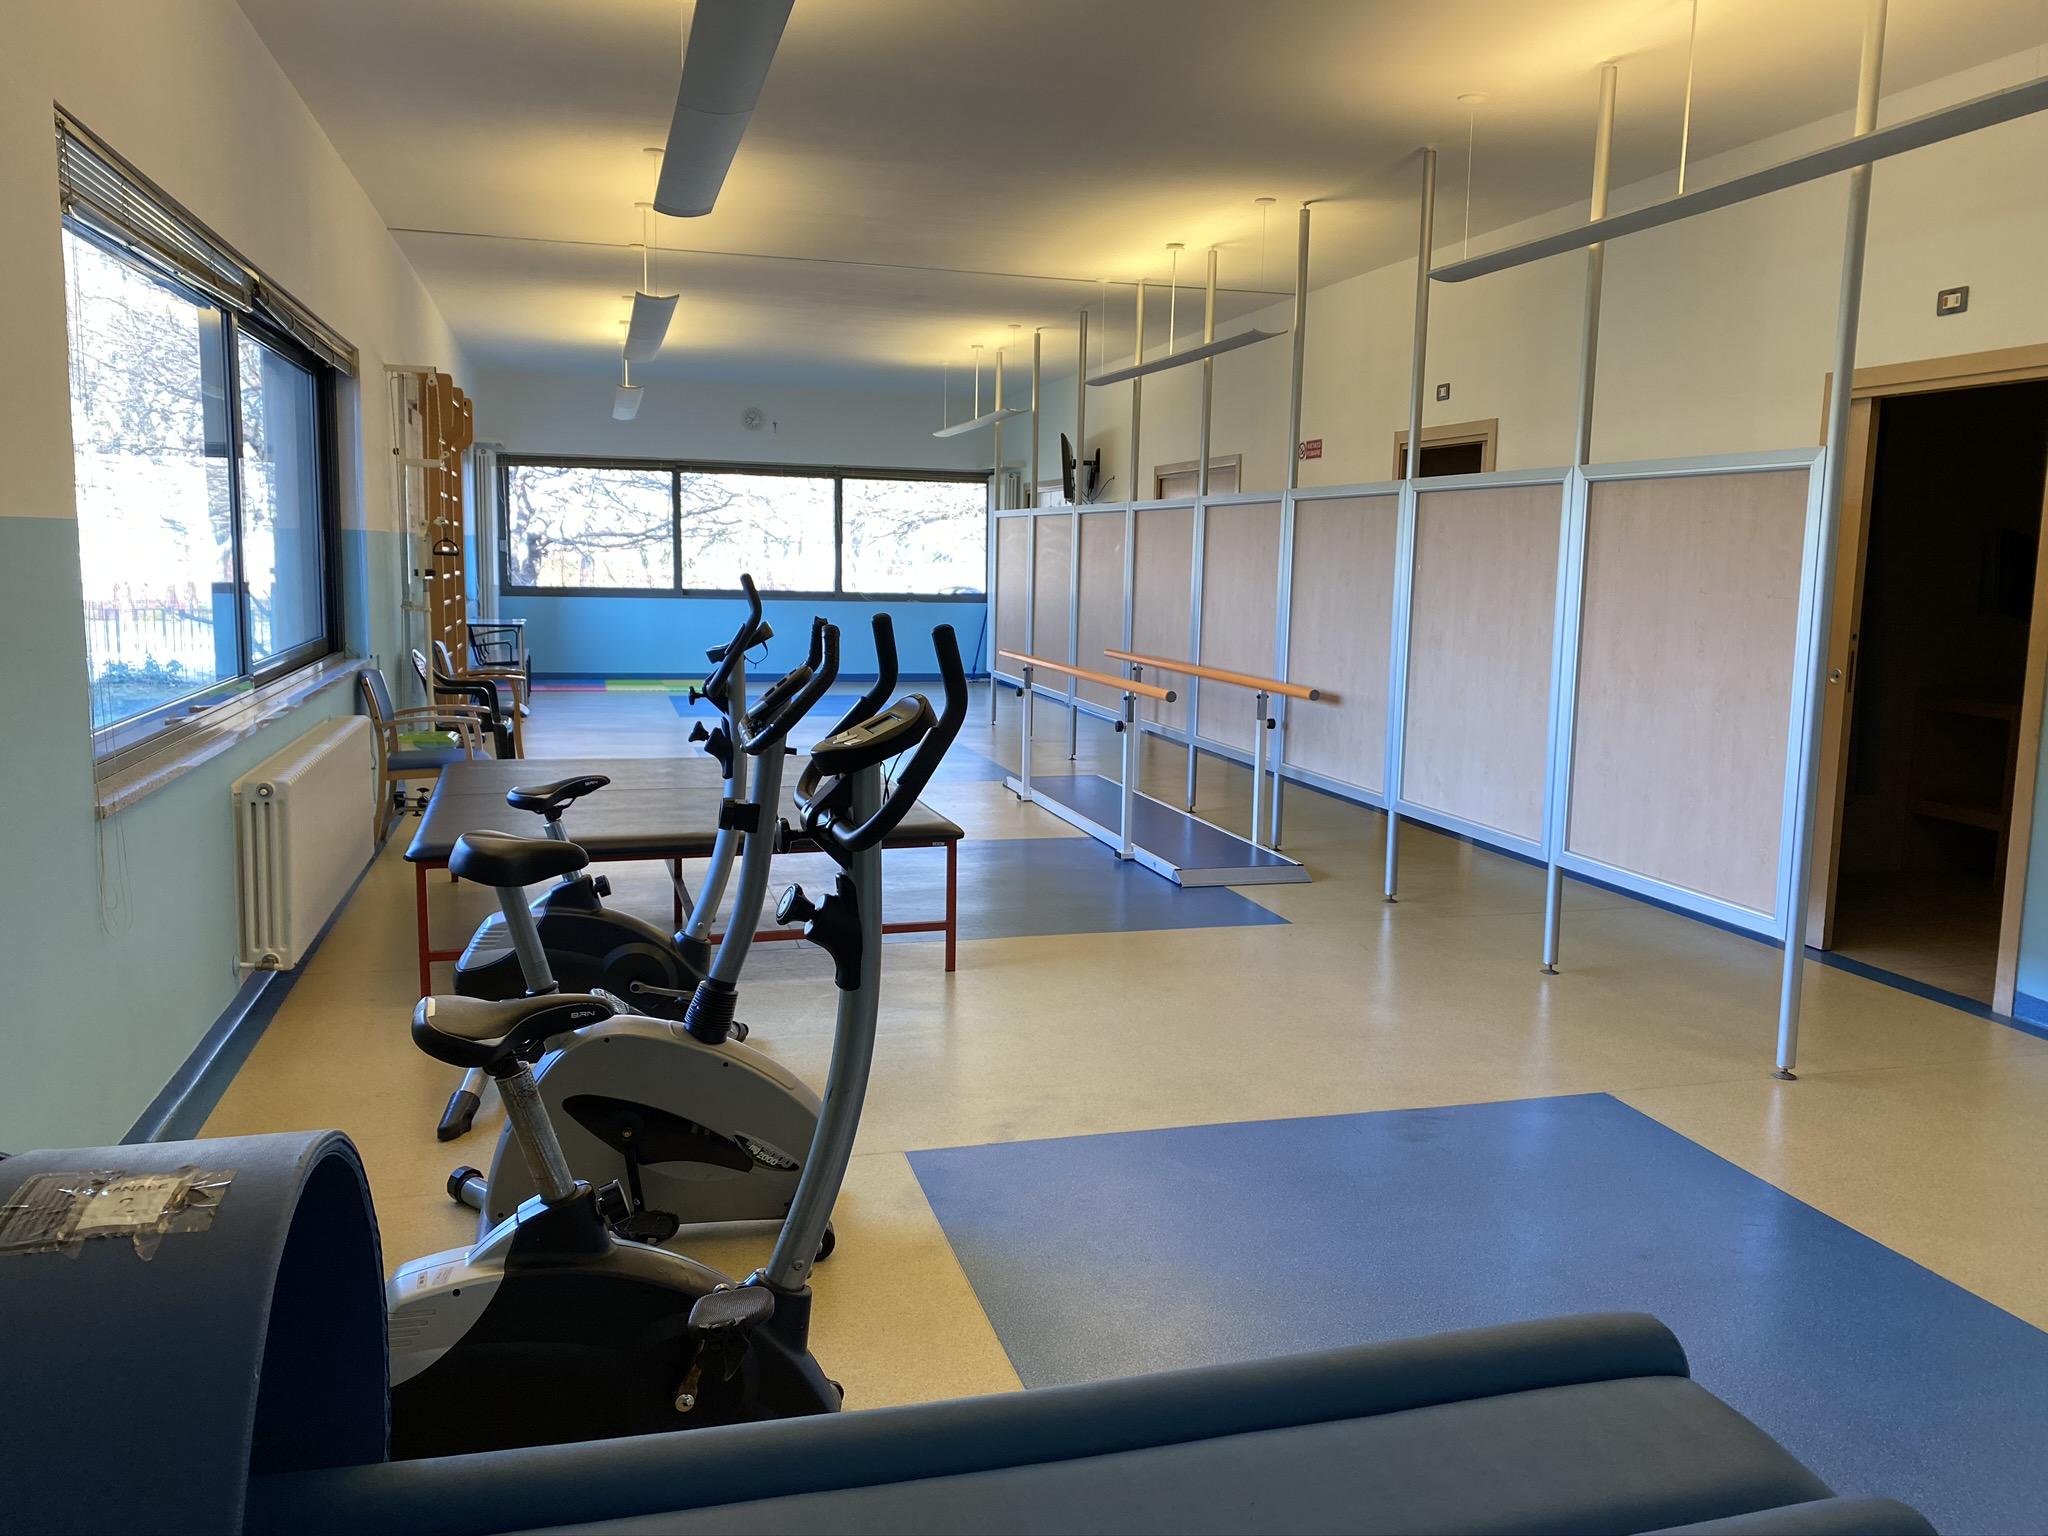 Centro riabilitativo fisioterapia Torbole Casaglia Brescia